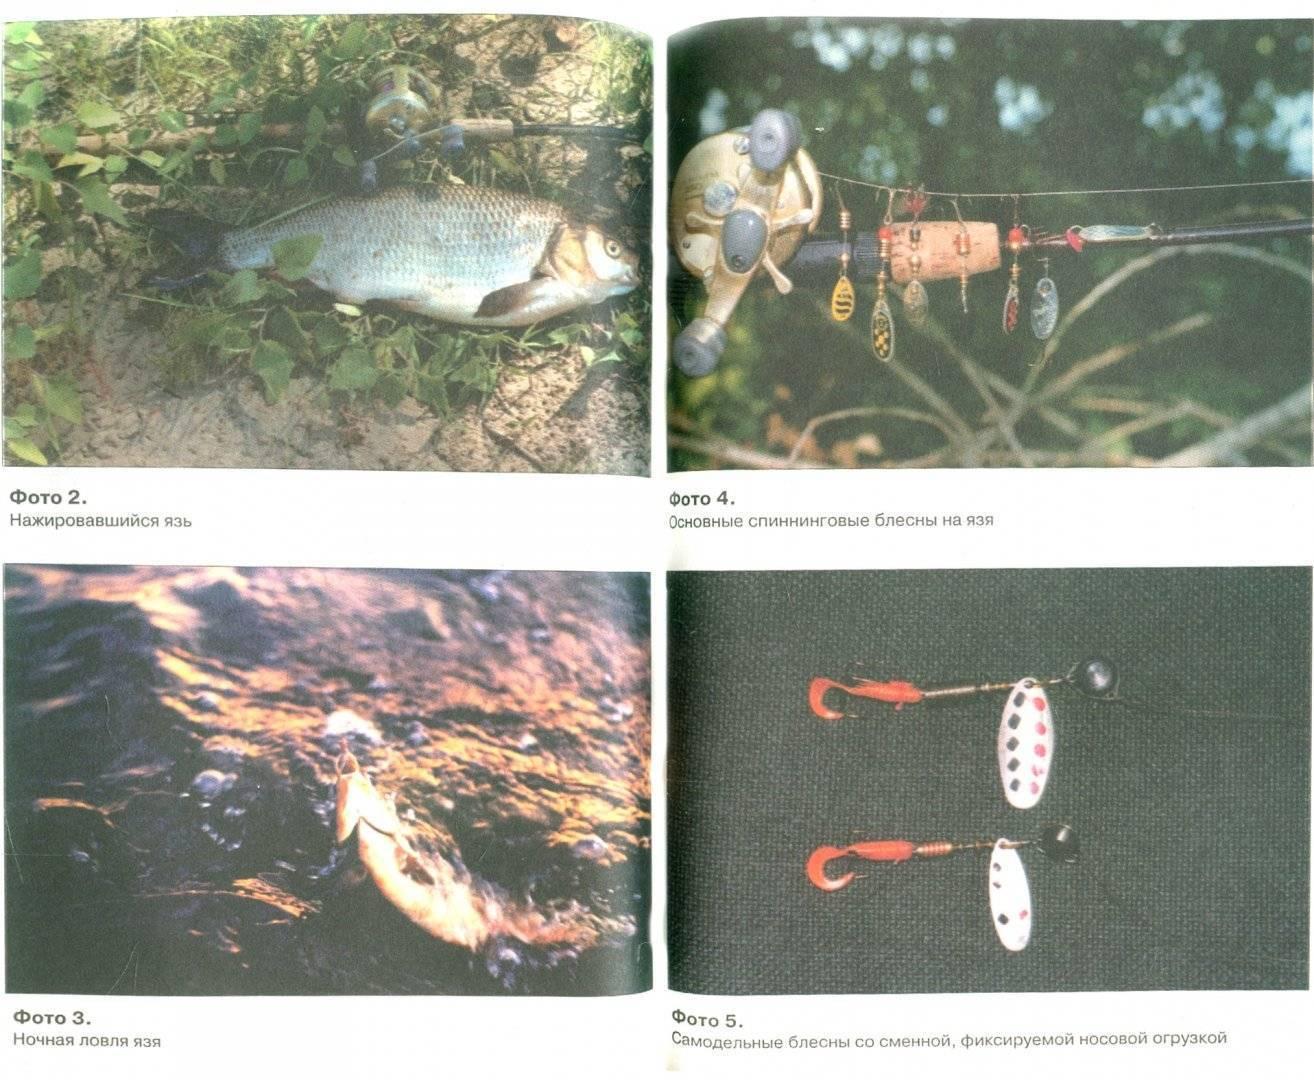 Язь: 125 фото рыбы, и видео описание секретов ловли язя в разные времена года